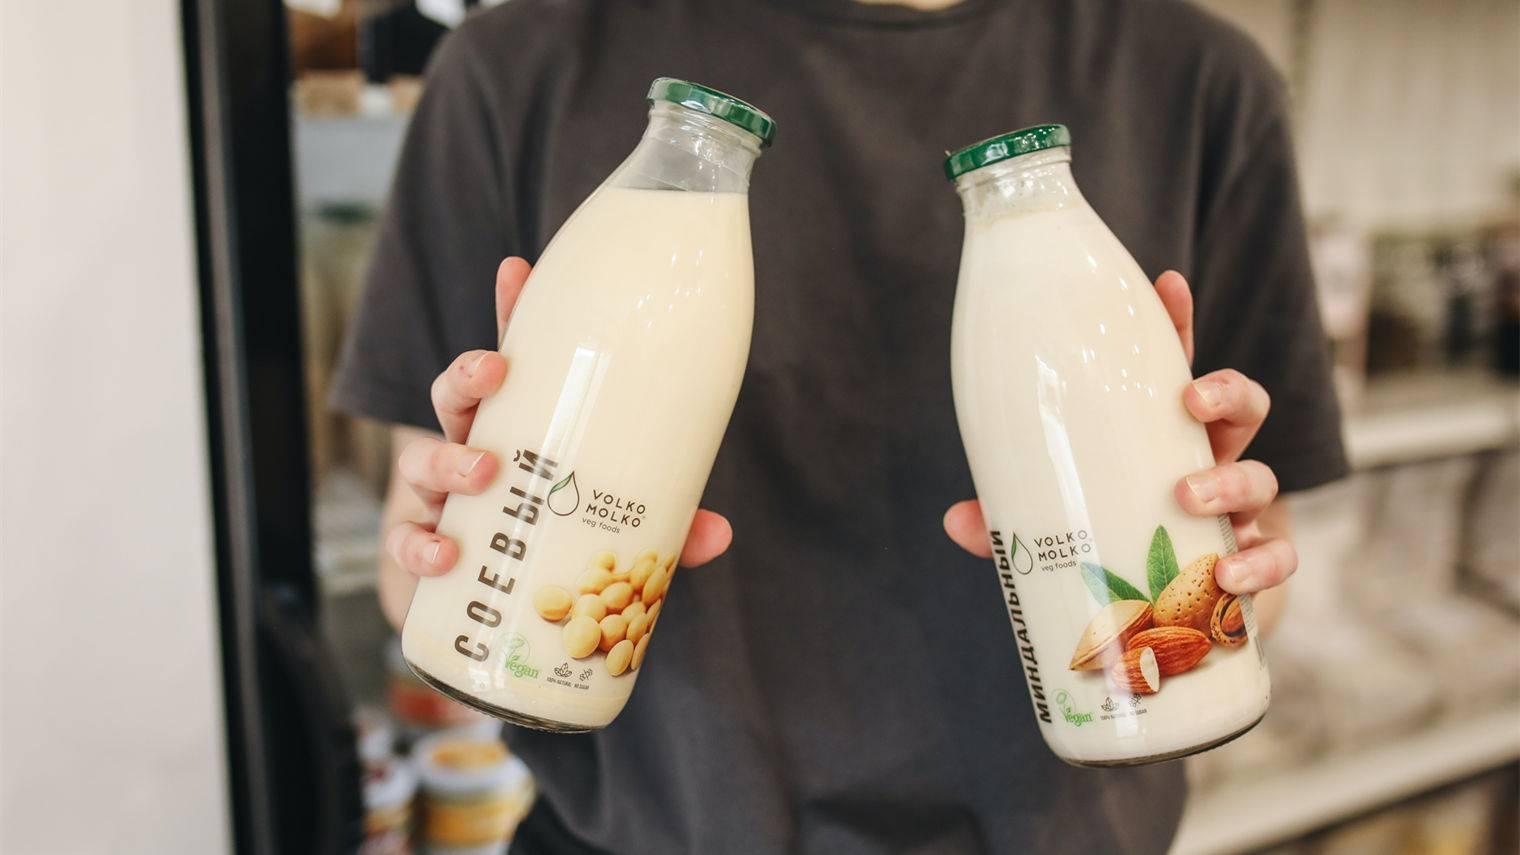 植物奶抢滩奶制品赛道,年轻人为什么不爱喝六个核桃了?